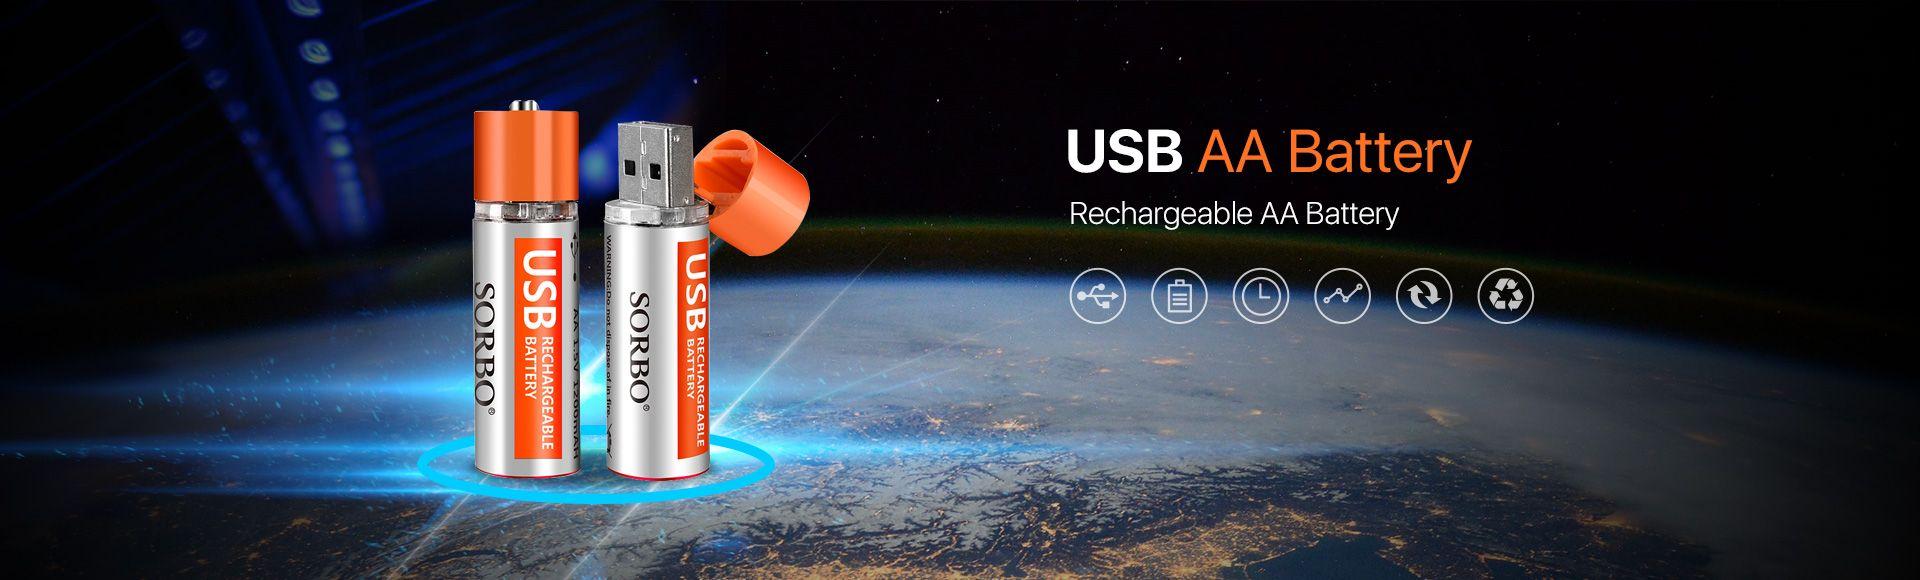 SORBO USB Rechargeable Lipo AA Battery  - 1.5V 1200mAh lipo rechargeable battery